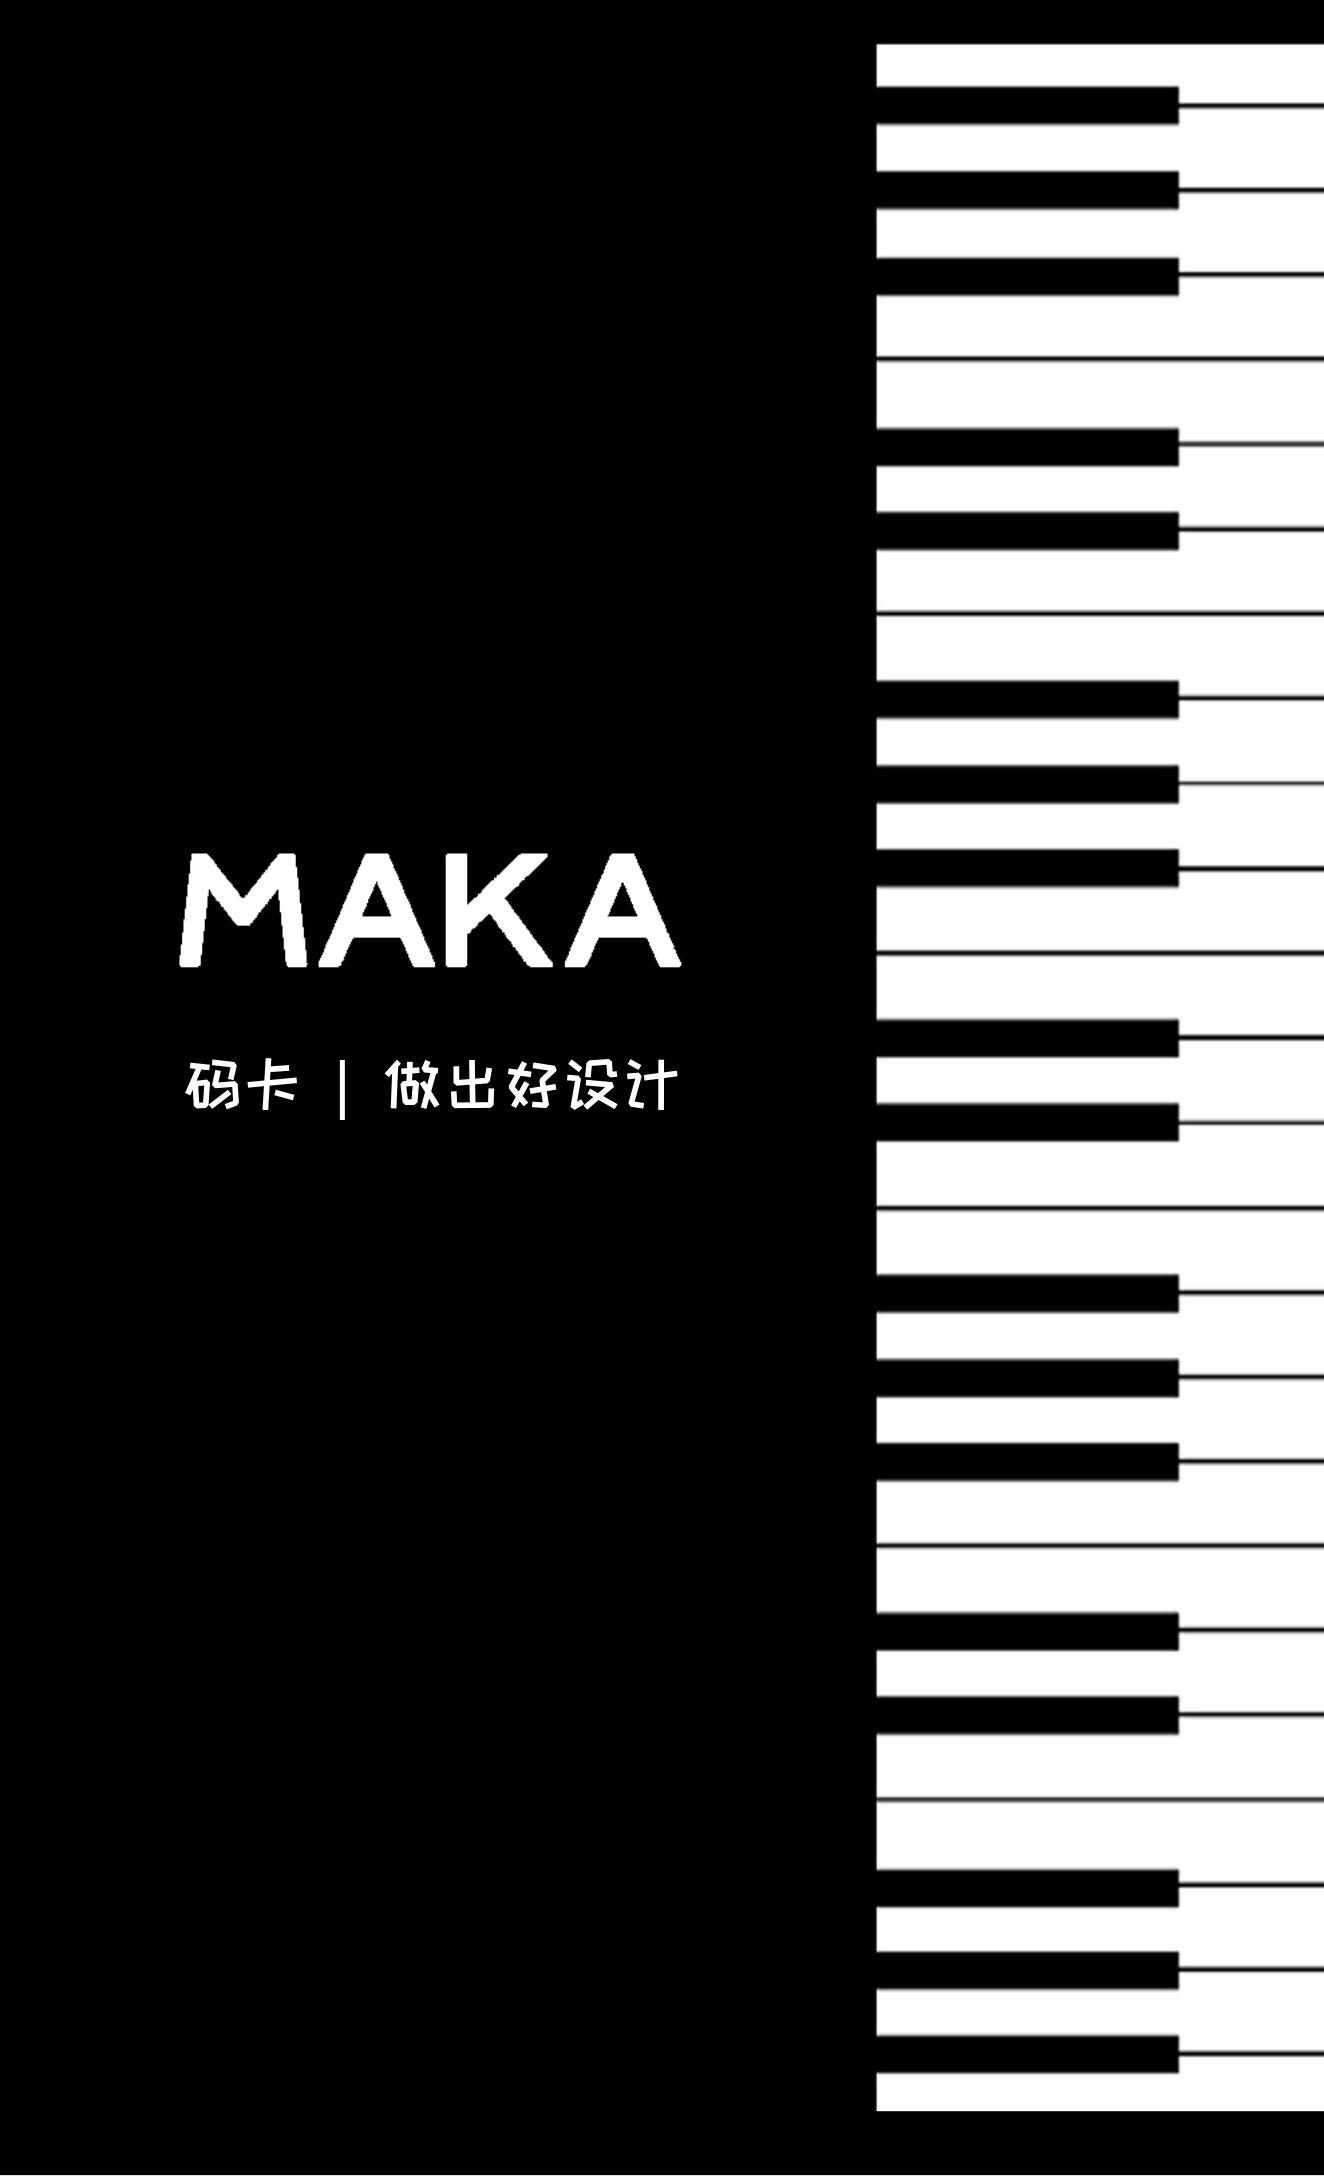 钢琴音乐老师黑白色系名片